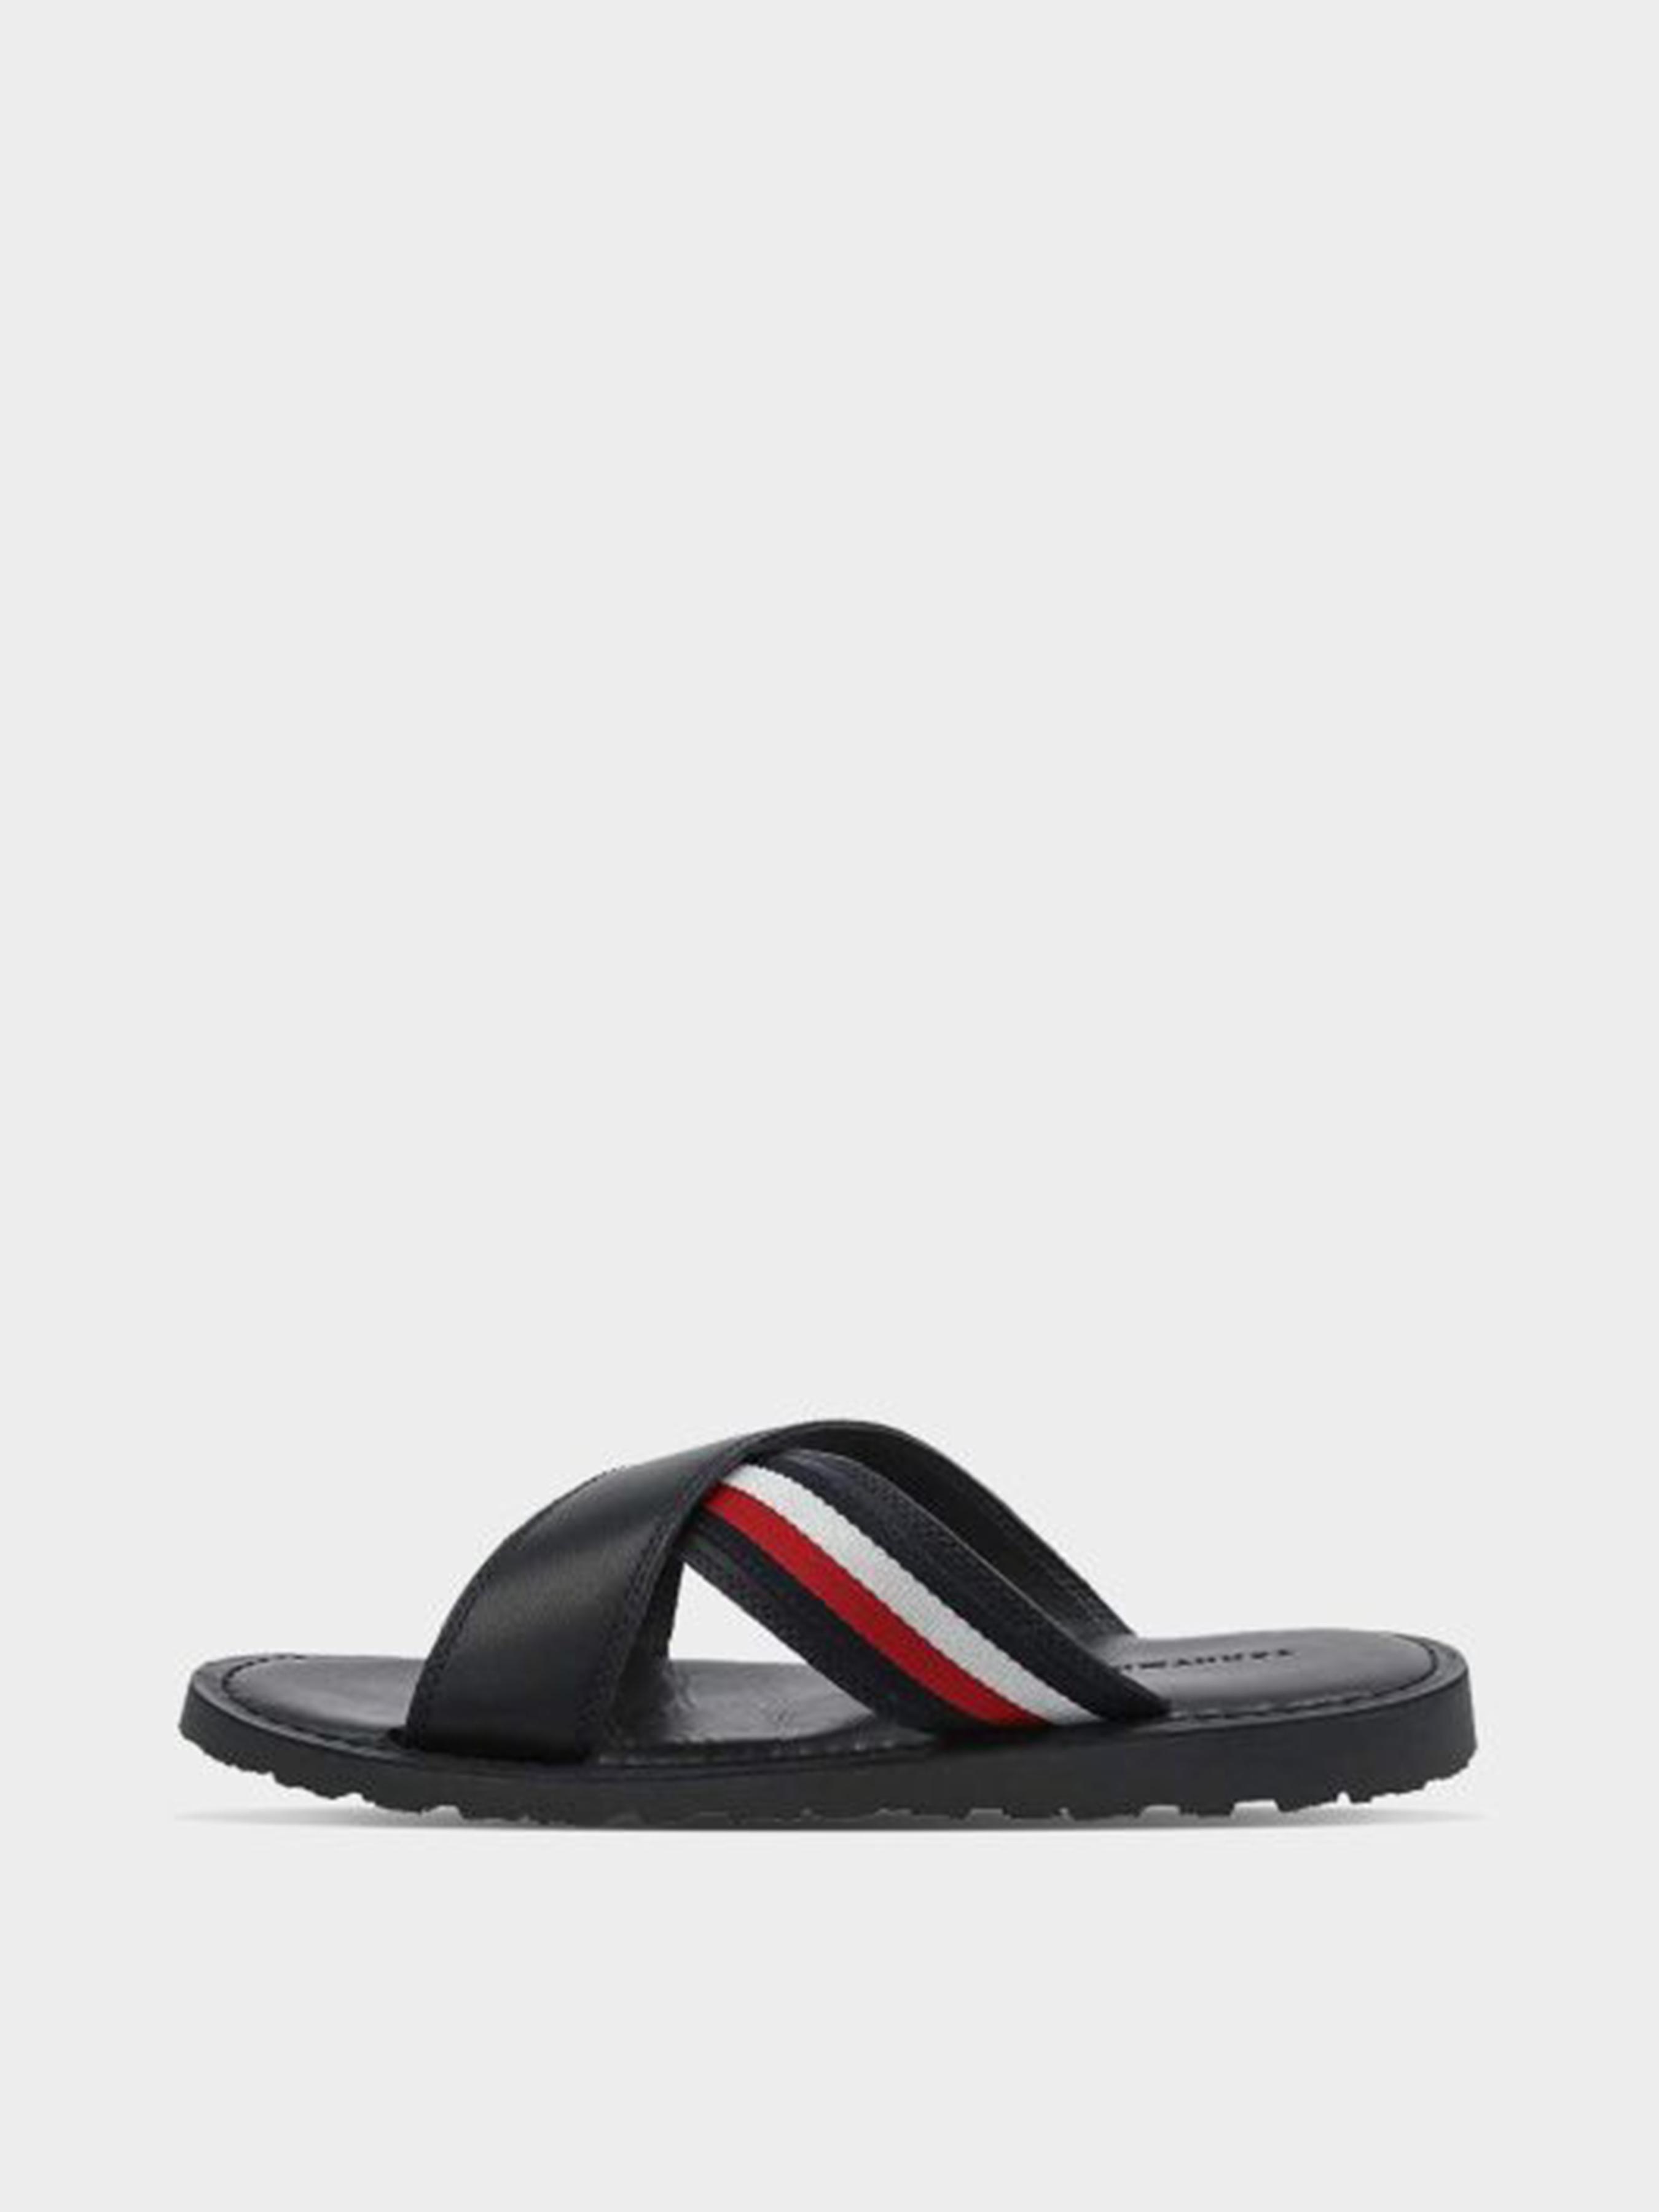 Шлёпанцы мужские Tommy Hilfiger TE895 модная обувь, 2017